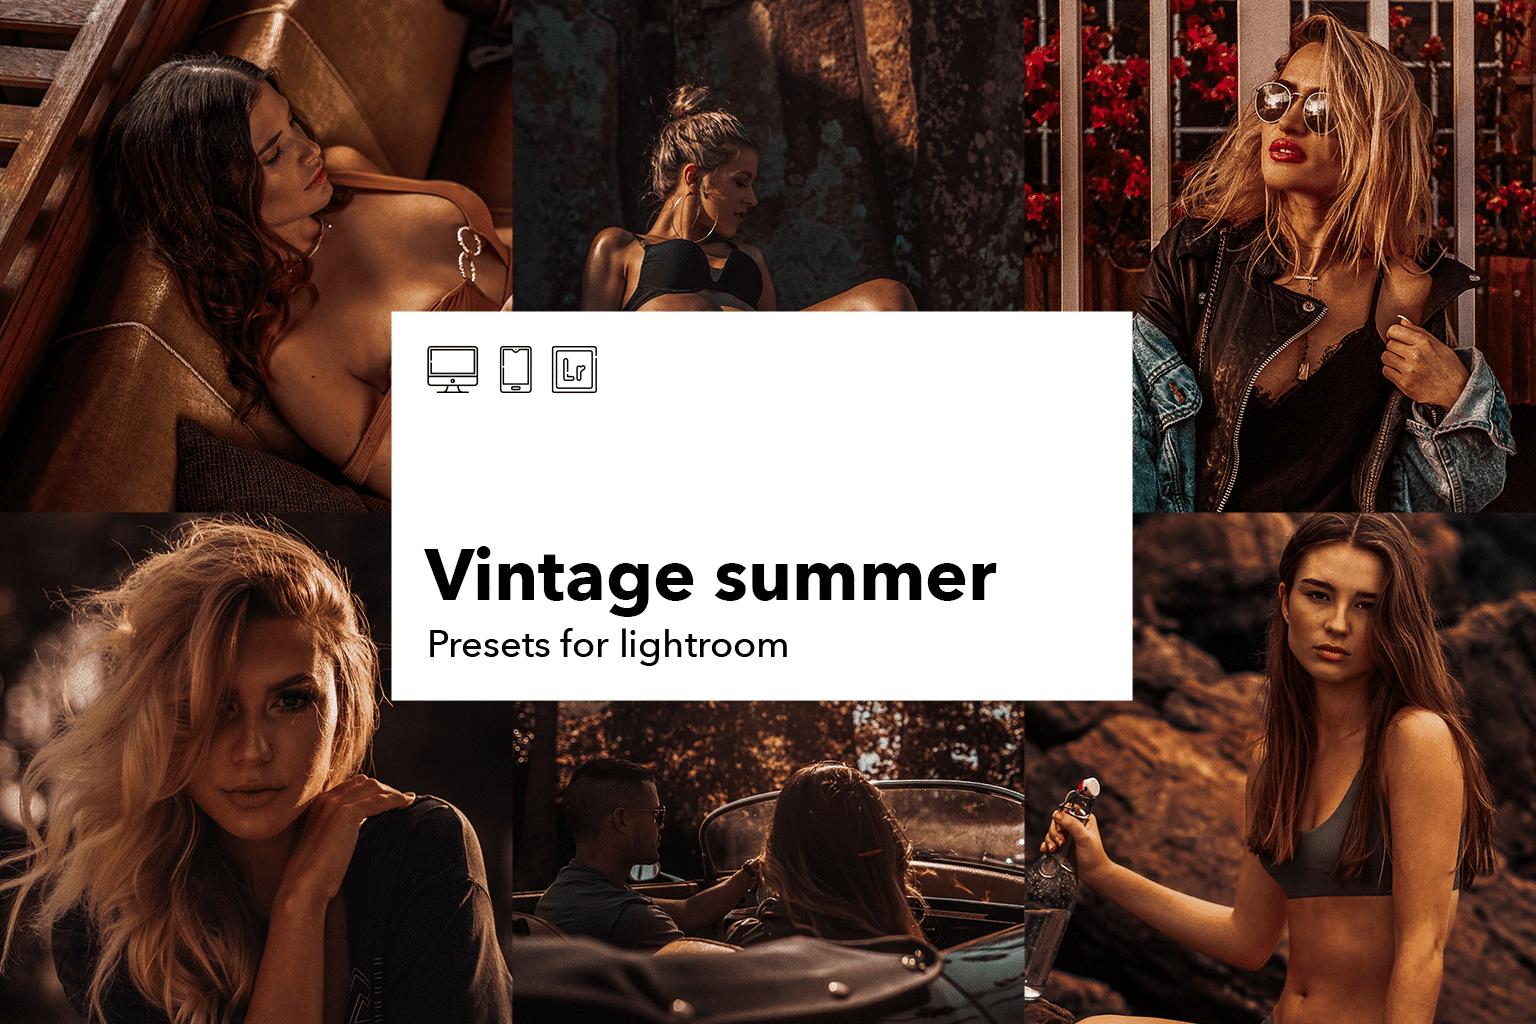 Vintage-summer-2